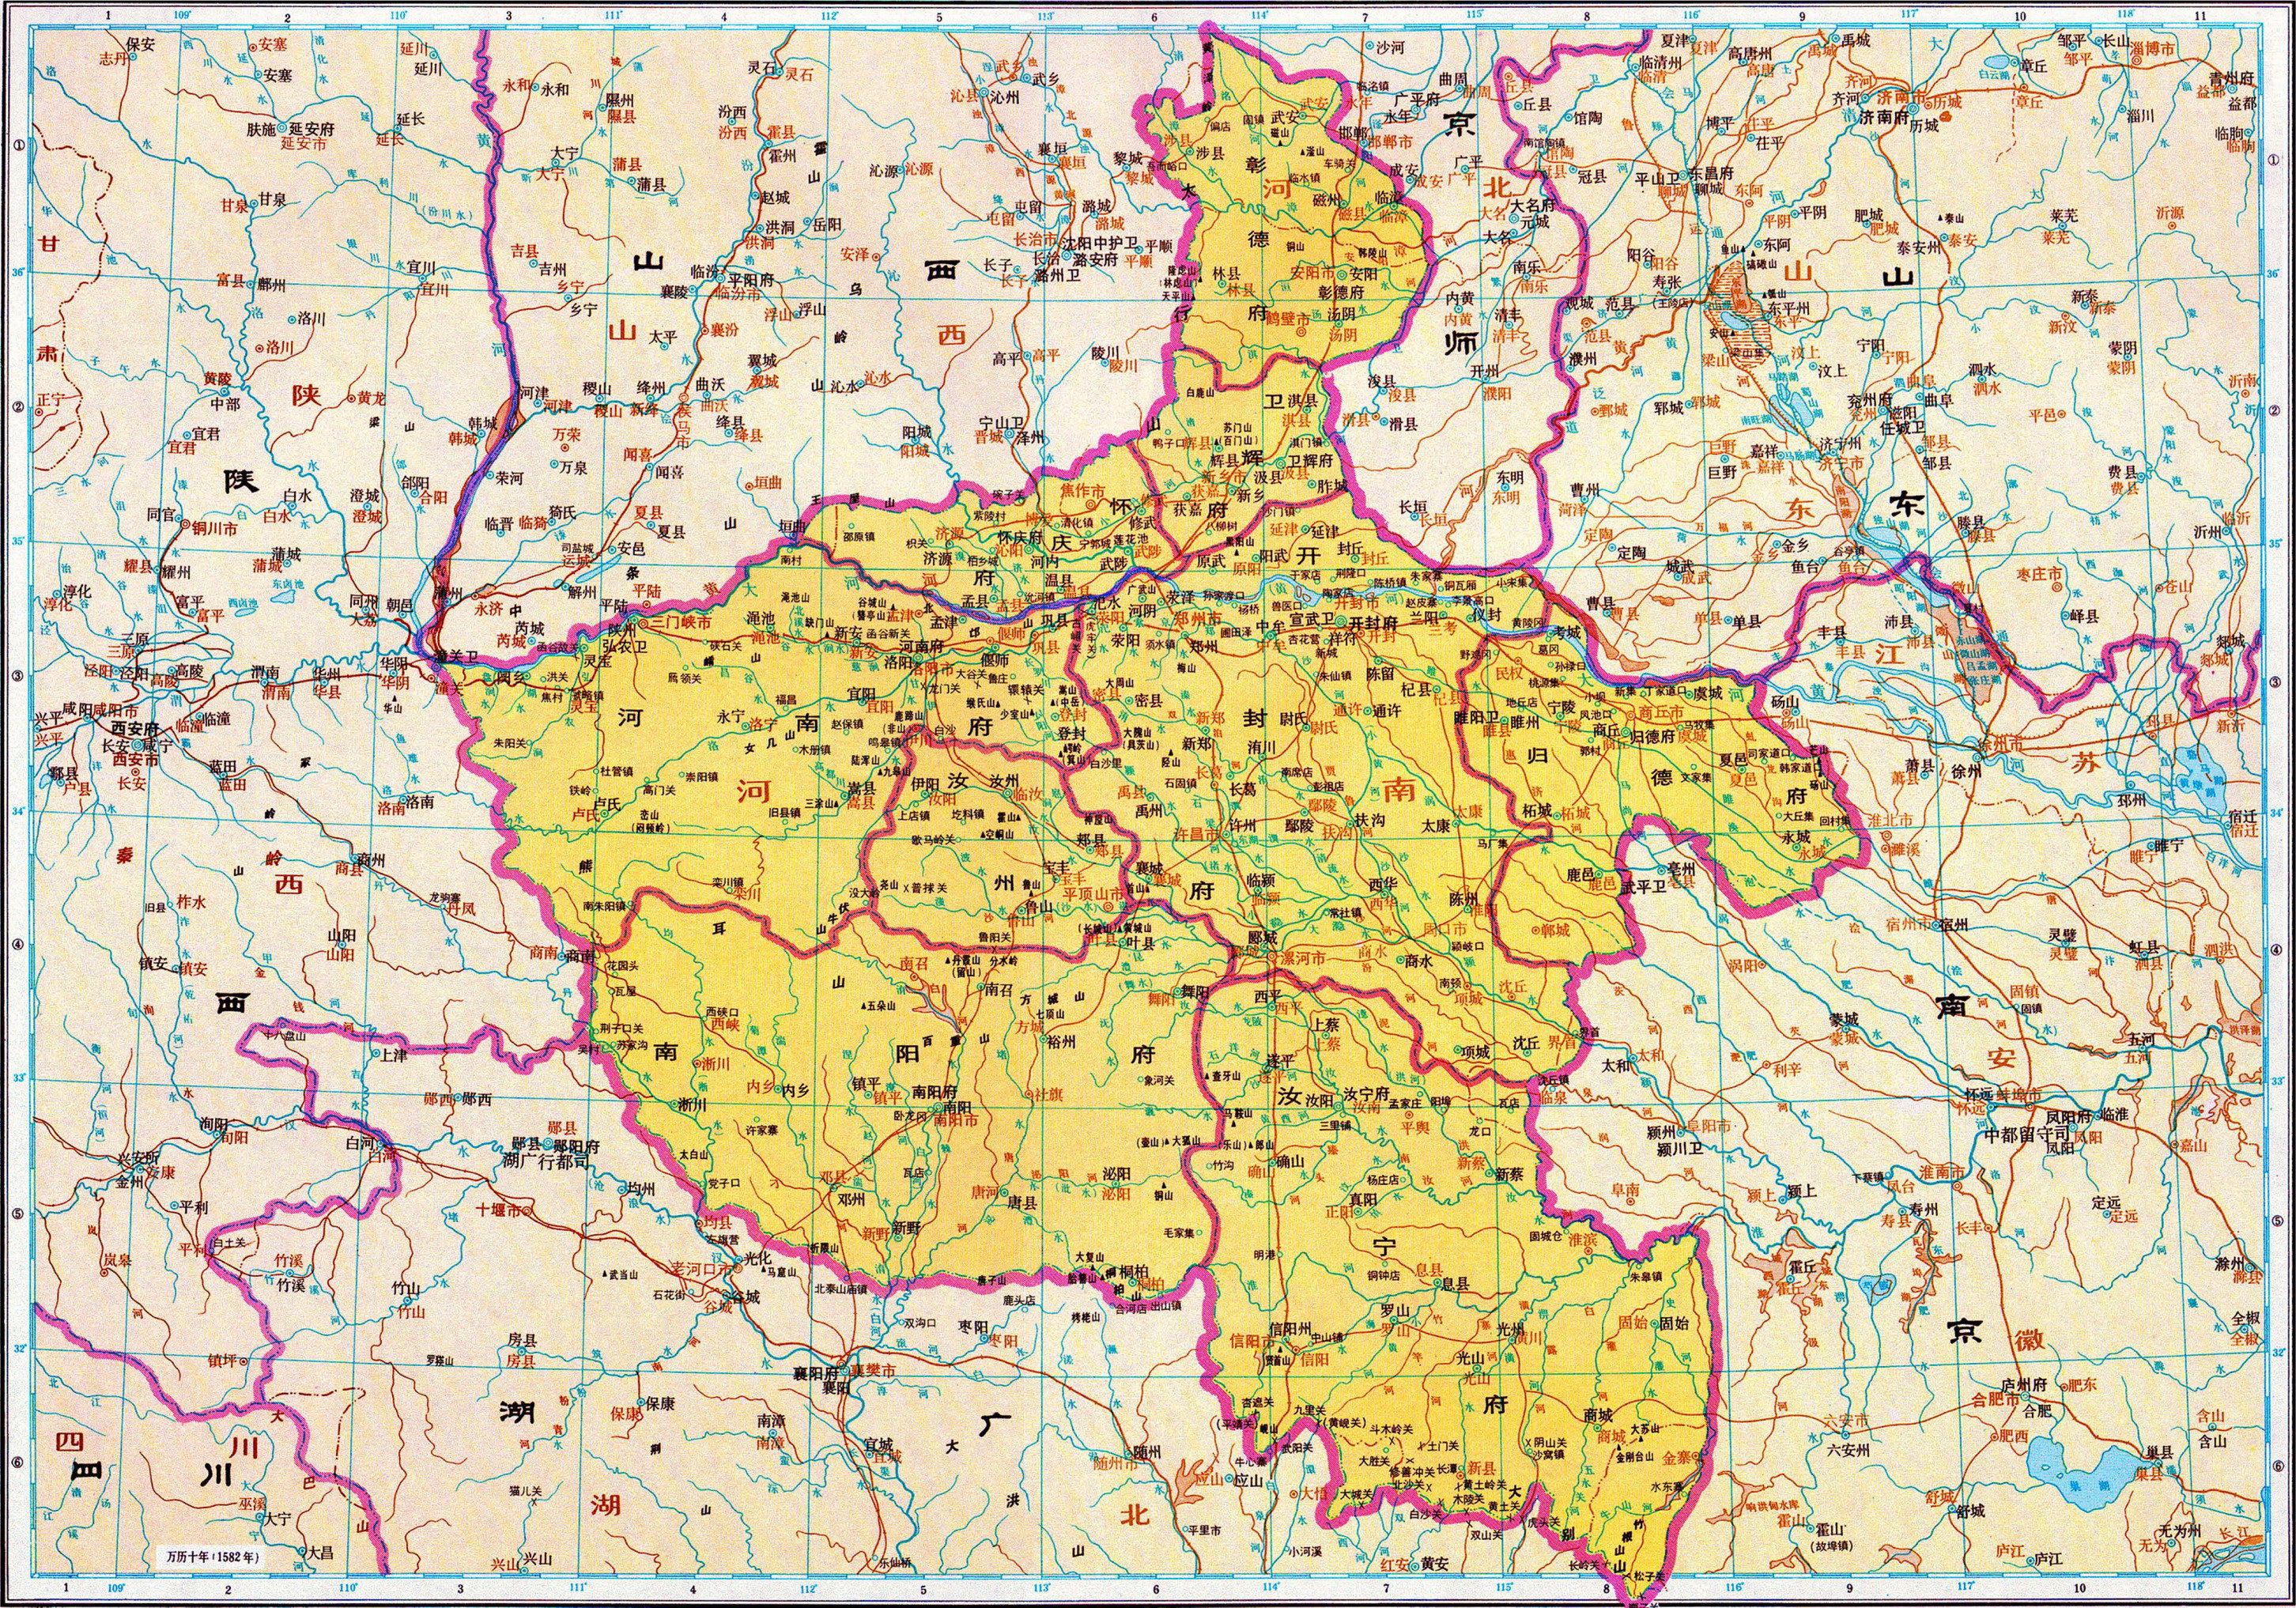 中国河南地图高清版大图_河南省放大的市到县的高清地图